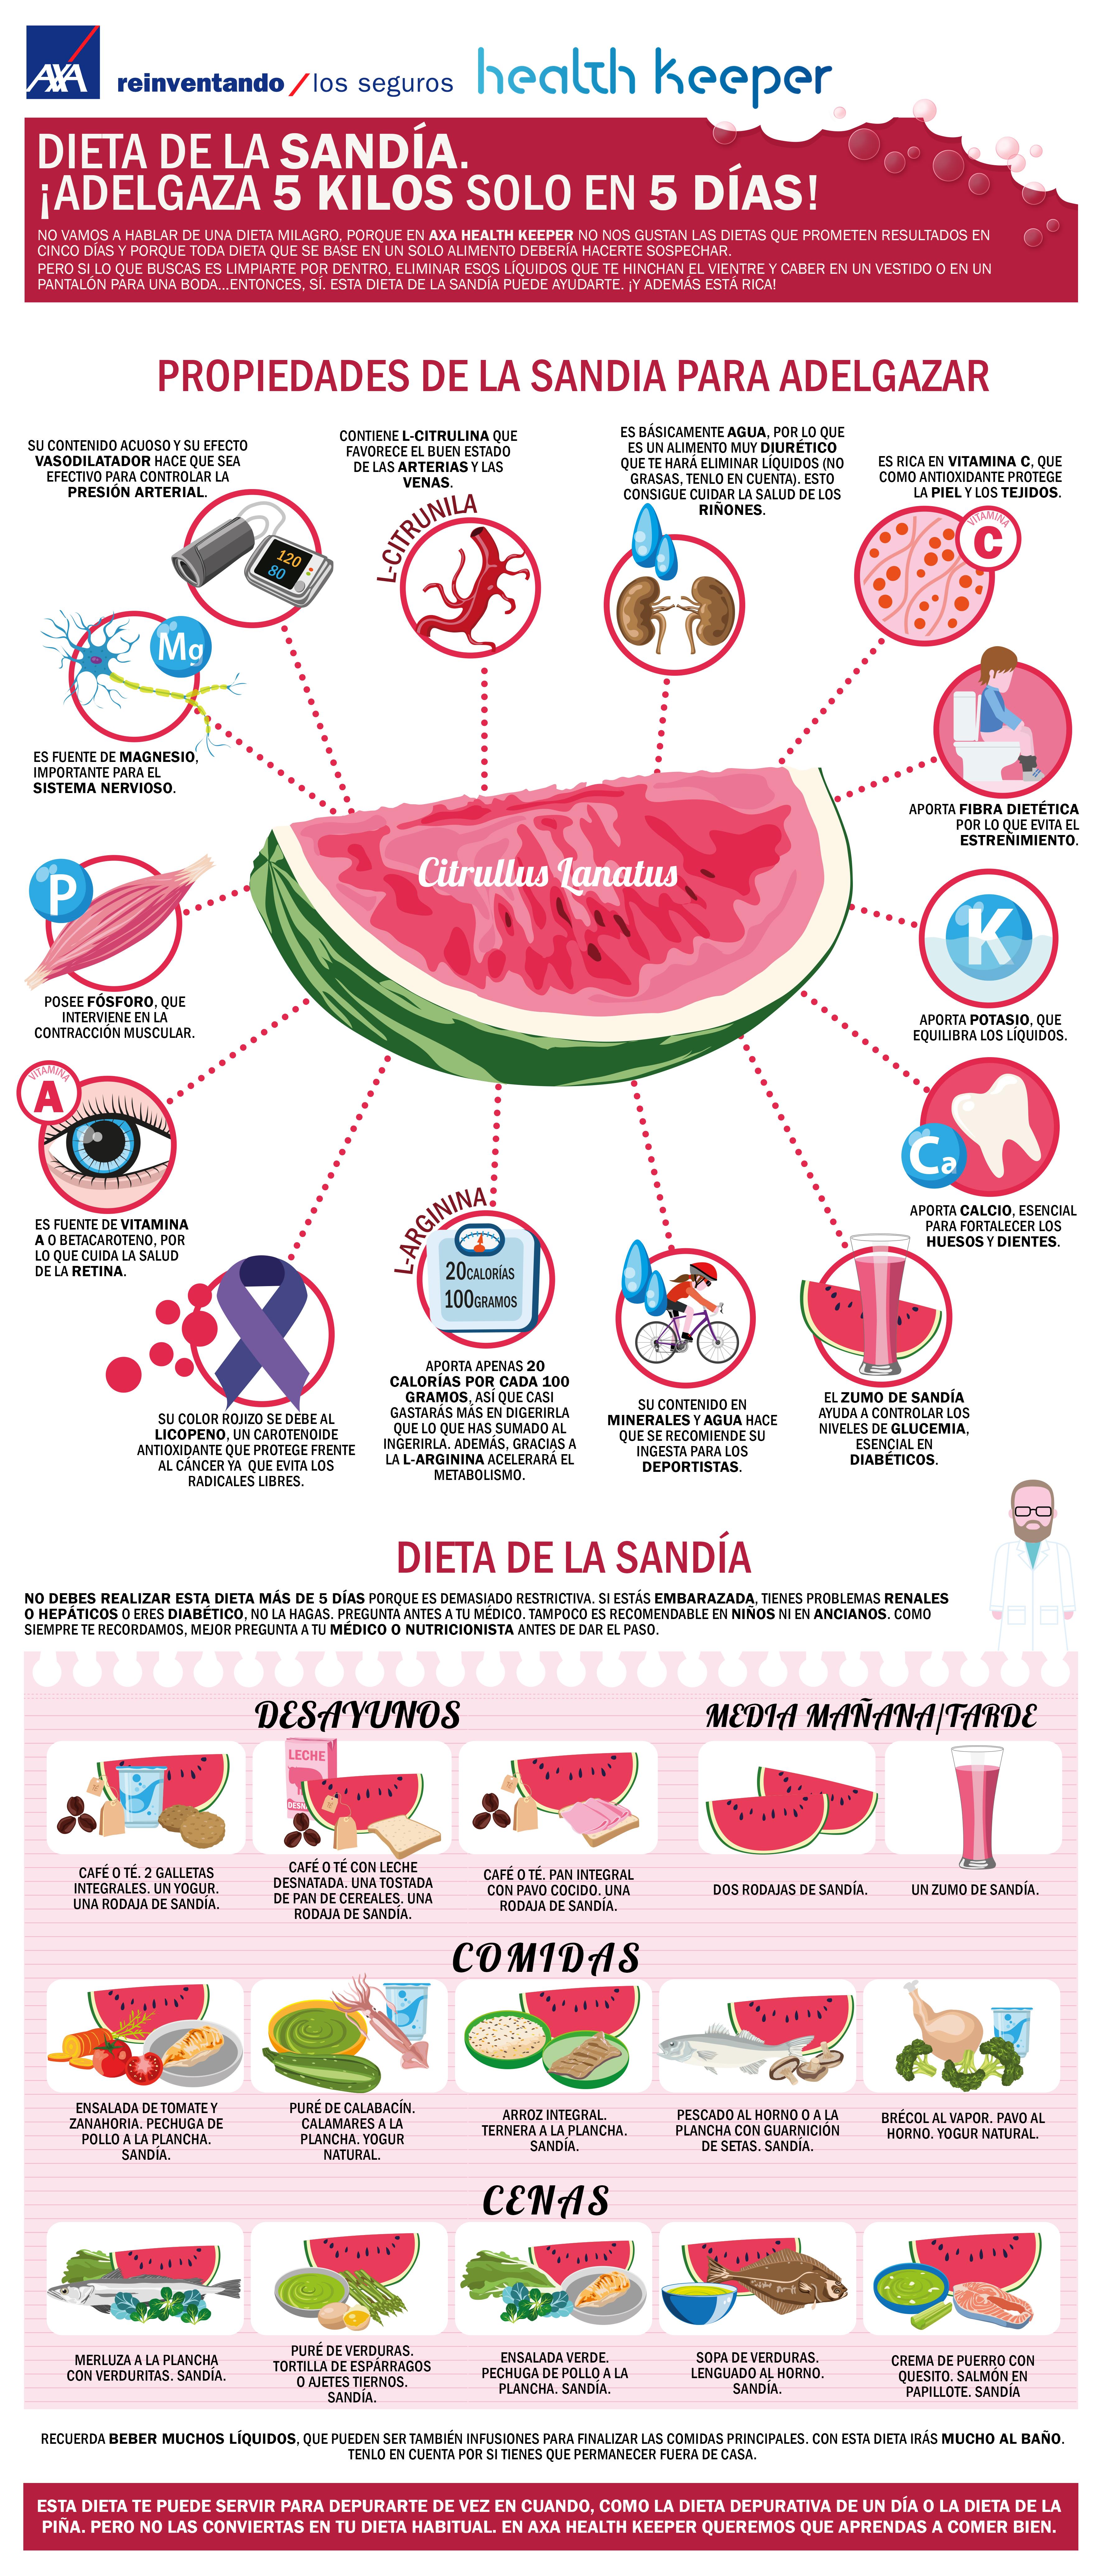 Dieta depurativa 15 dias